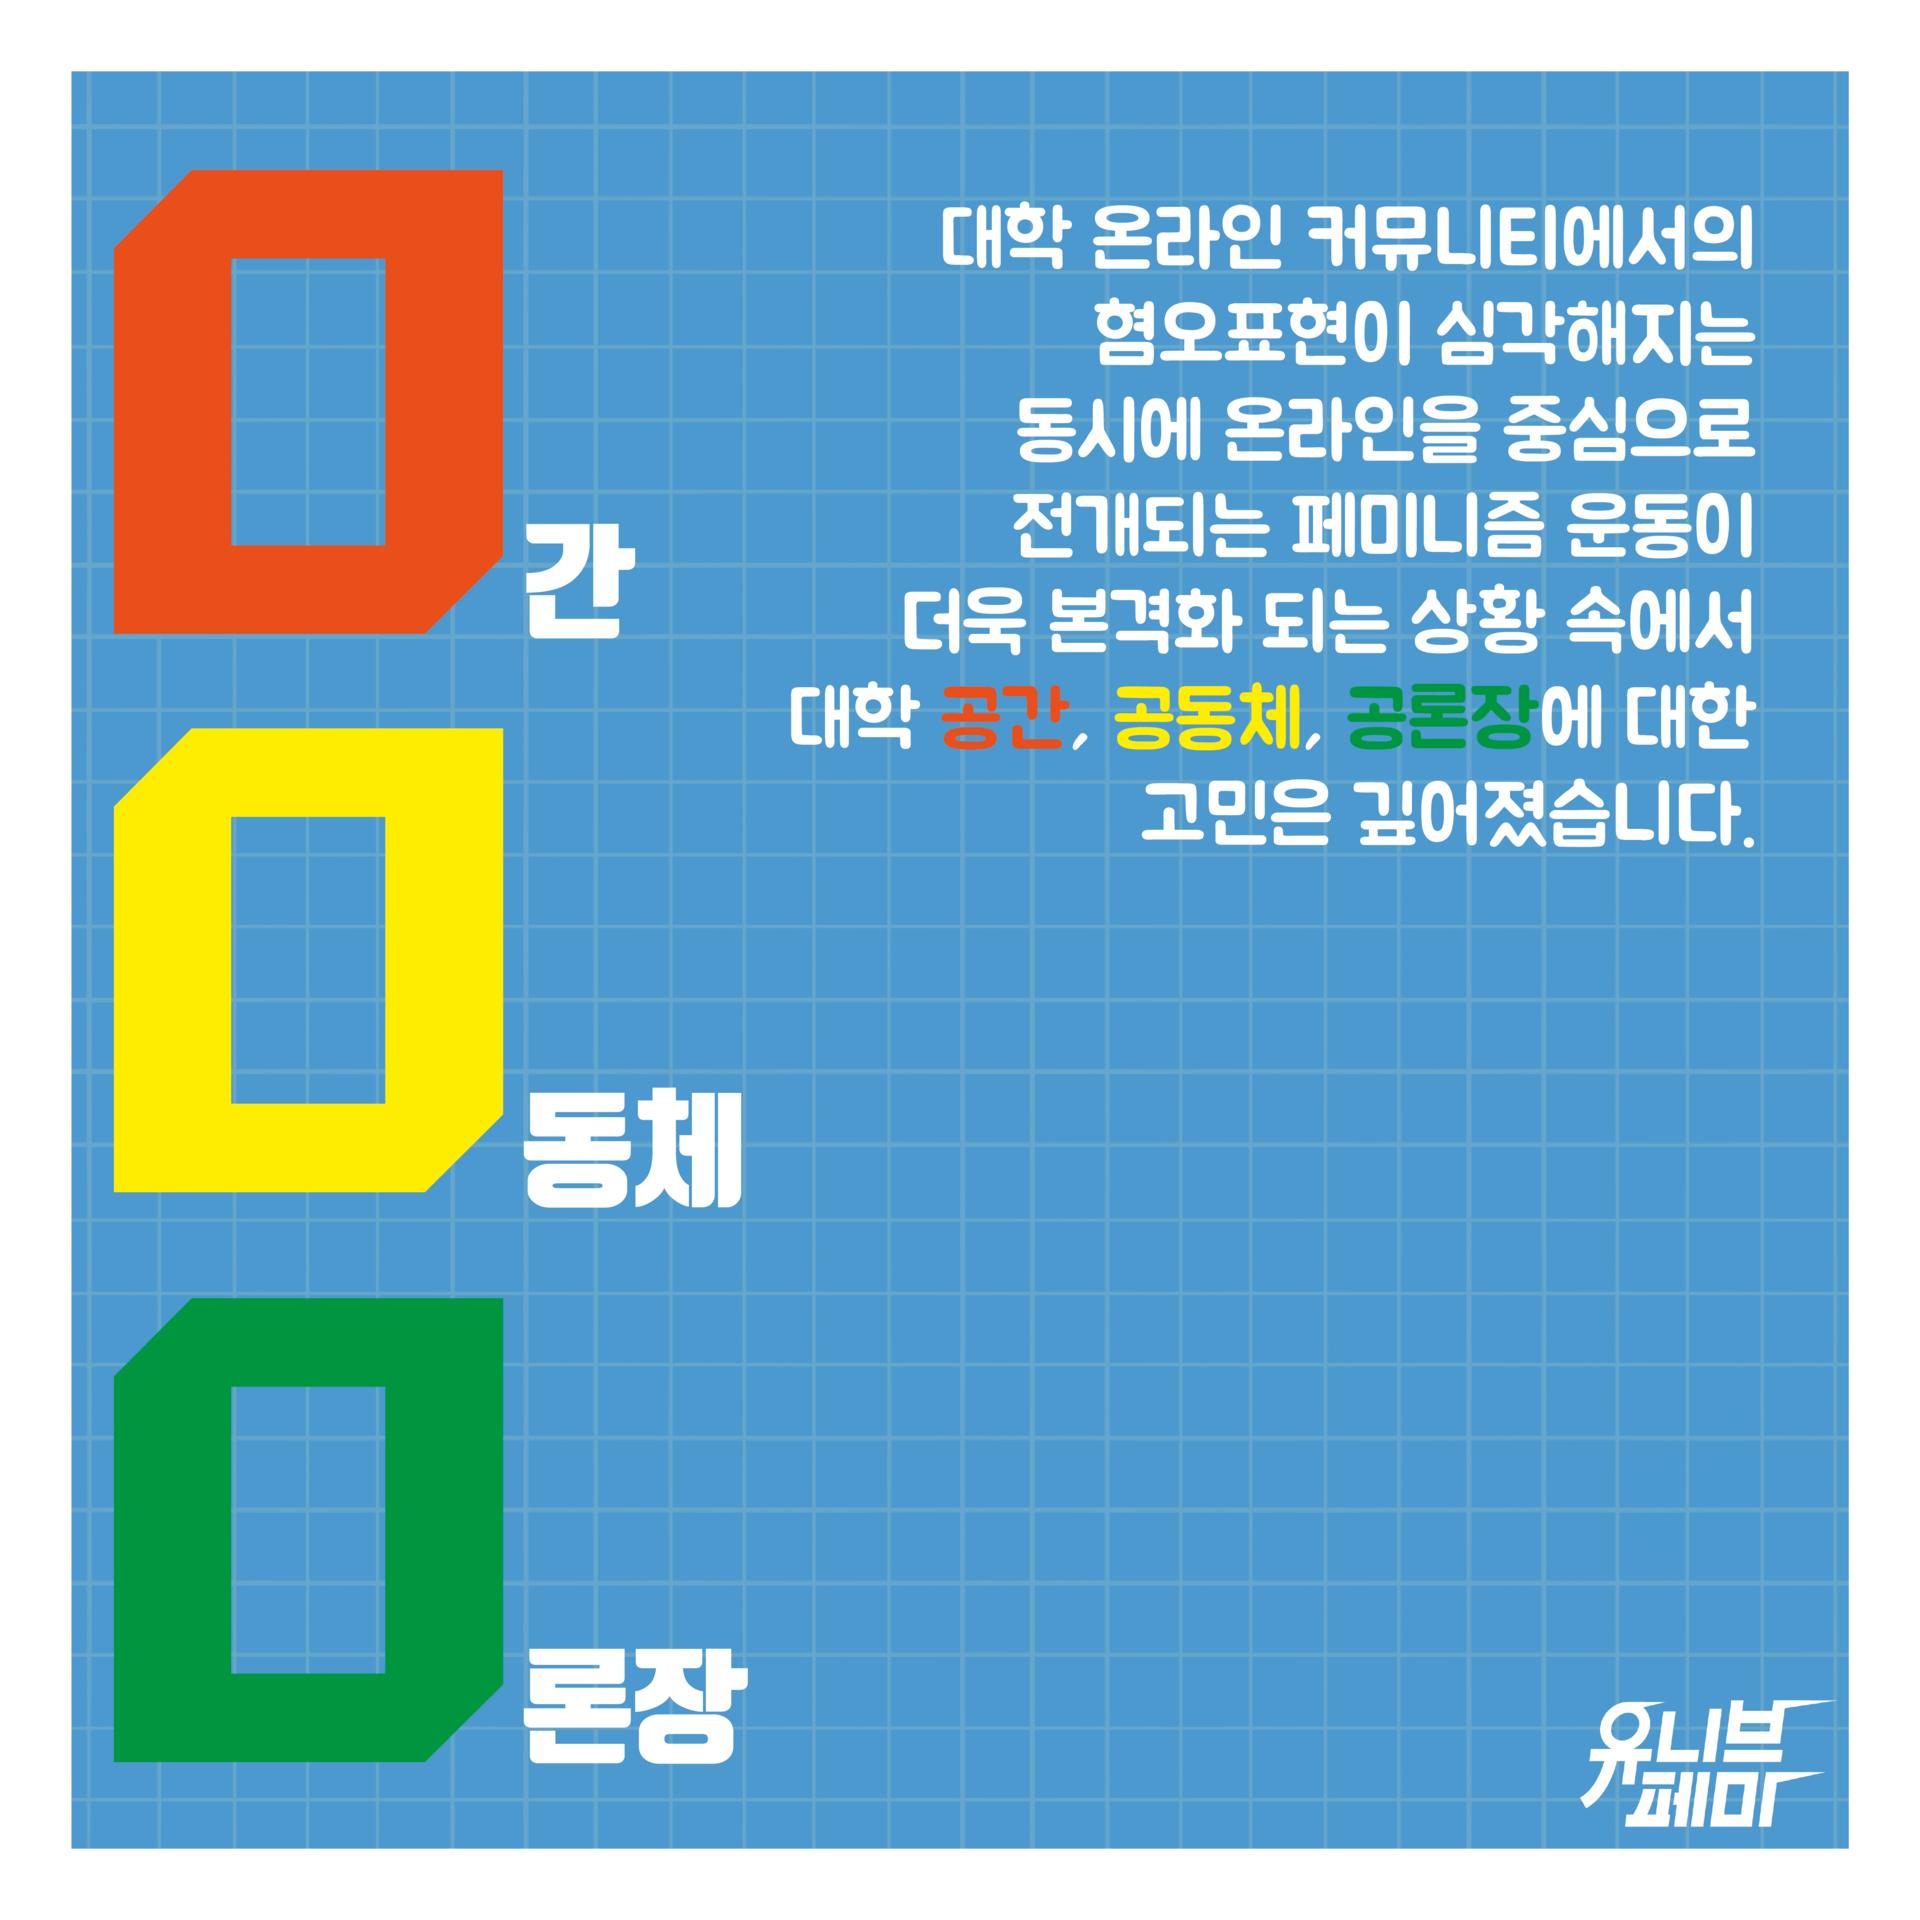 하늘색 배경에 회색 격자 무늬가 들어가 있다. 왼쪽 상단부터 하단까지 '0간, 0동체, 0론장'이라 쓰여있다. '0간'의 0은 주황색, '0동체'의 0은 노란색, '0론장'의 0은 초록색으로 강조색이 들어가있다. 오른쪽 상단에 '대학 온라인 커뮤니티에서의 혐오표현이 심각해지는 동시에 온라인을 중심으로 전개되는 페미니즘 운동이 더욱 본격화되는 상황 속에서 대학 공간, 공동체, 공론장에 대한 고민은 깊어졌습니다'라고 적혀있다. 공간, 공동체, 공론장은 각각 주황색, 노란색, 초록색으로 강조가 되어 있다. 오른쪽 하단에는 흰색의 유니브페미 로고가 있다.